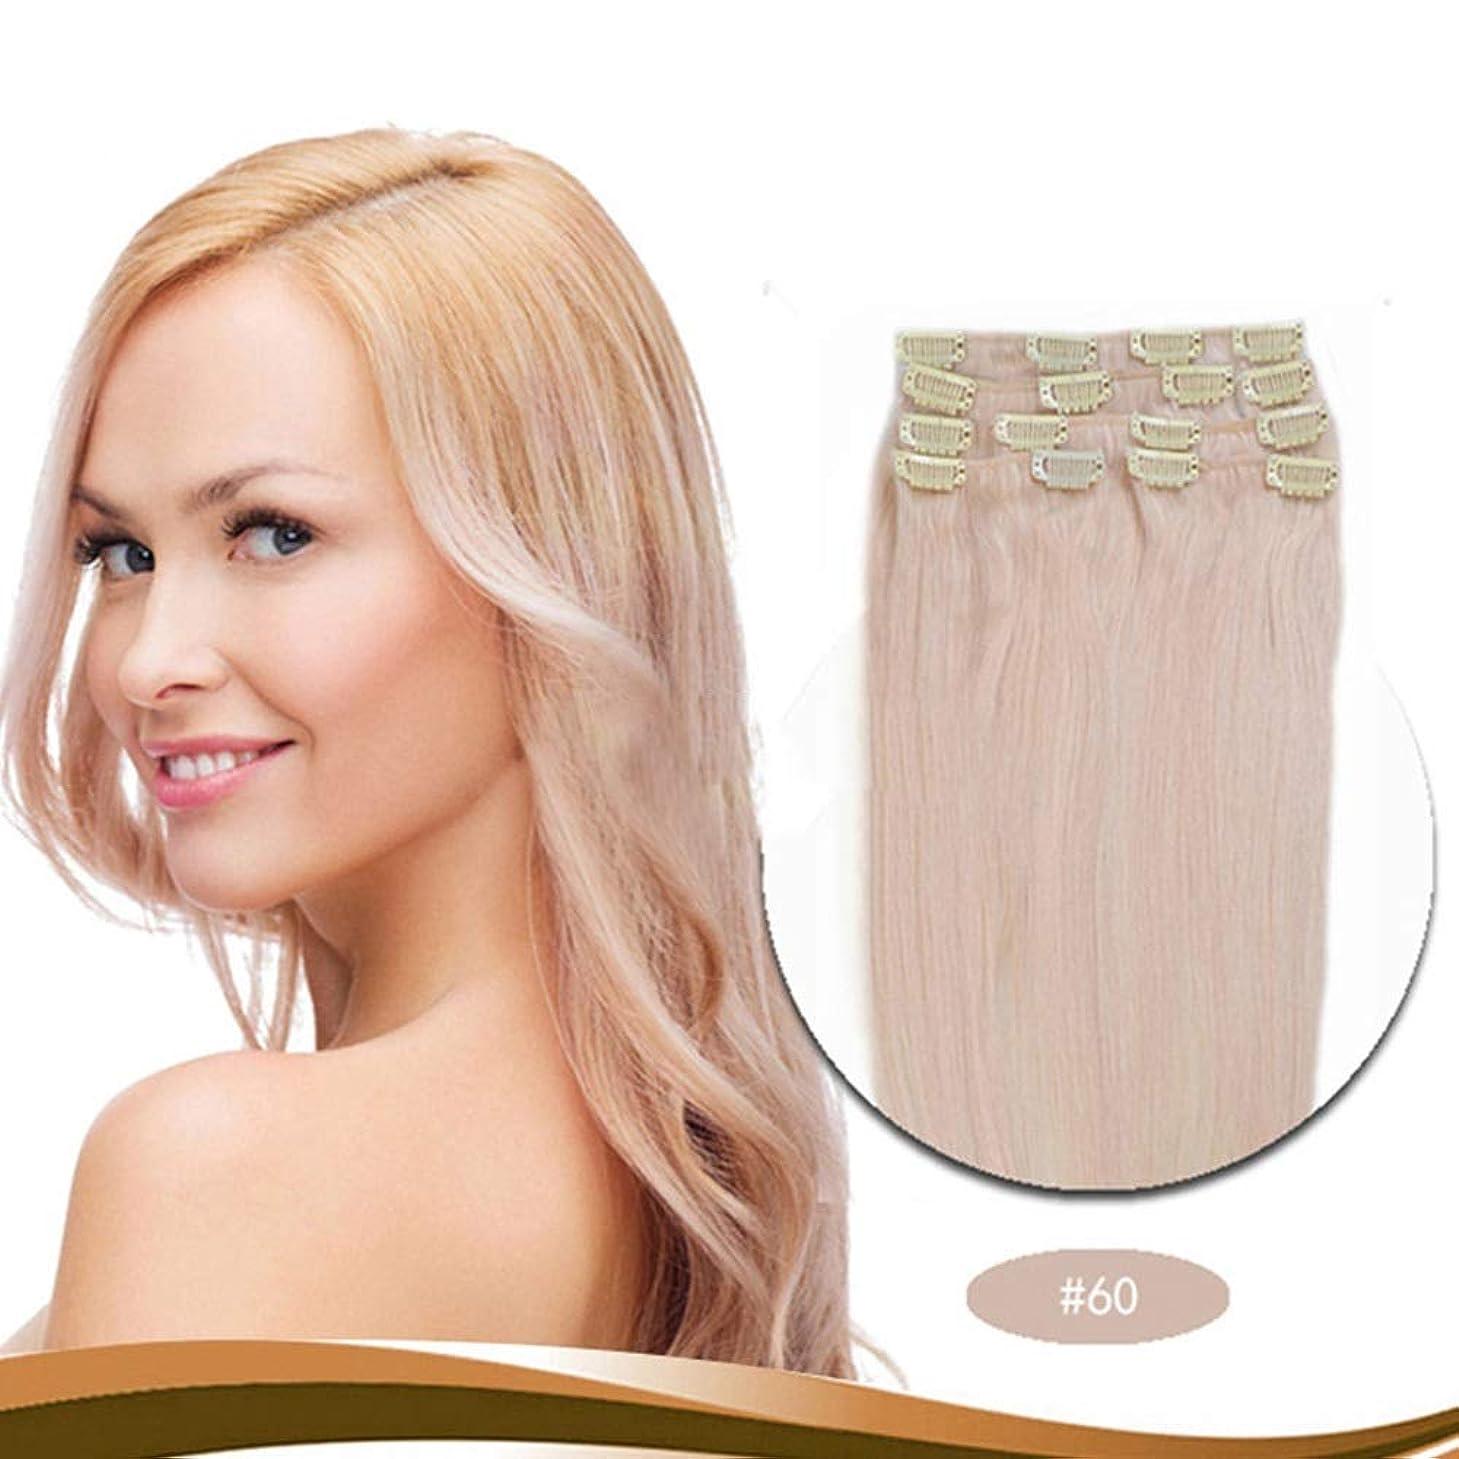 地域アンビエントこするYrattary ヘアエクステンション16インチの人間の髪の毛のダブル横糸 - 女性用ストレートヘッド7個フルストレート(16